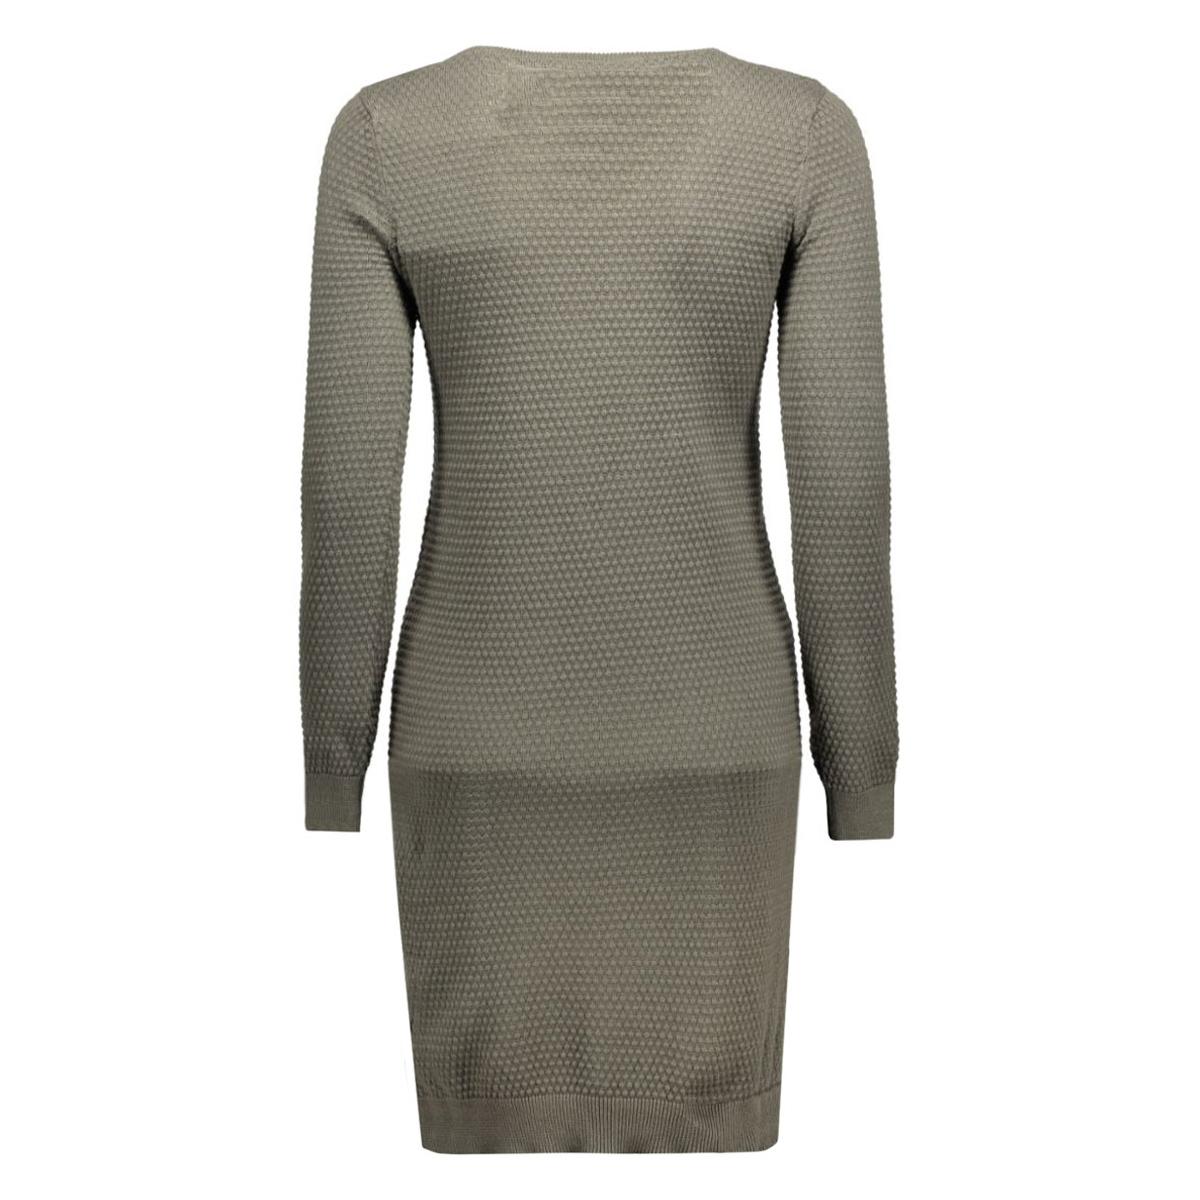 objbernice l/s knit dress 23022671 object jurk beluga